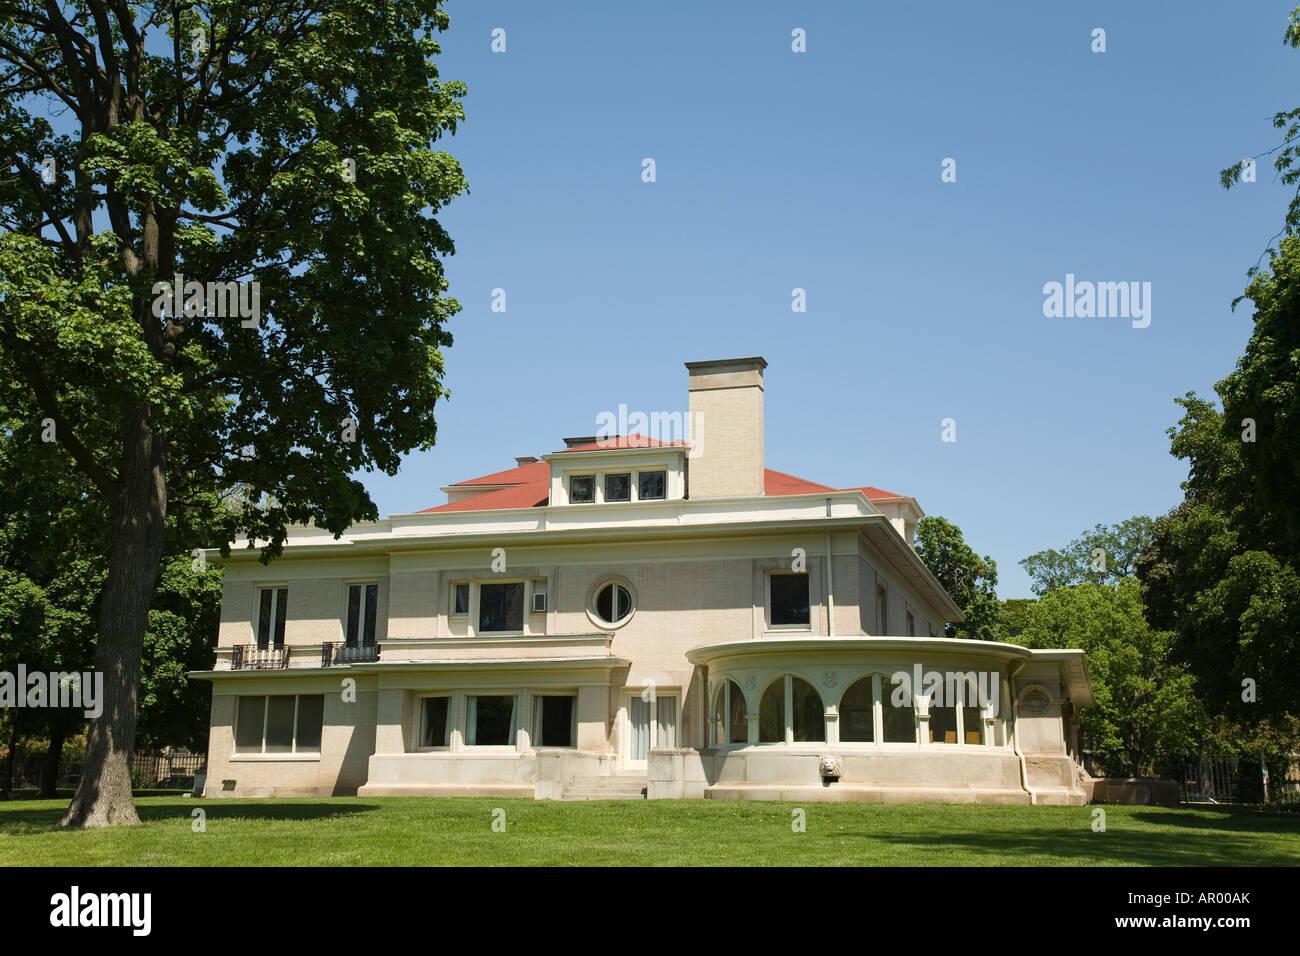 Oak Park ILLINOIS John Farson Accueil agréable chambre prairie de l'architecture scolaire George Maher Photo Stock